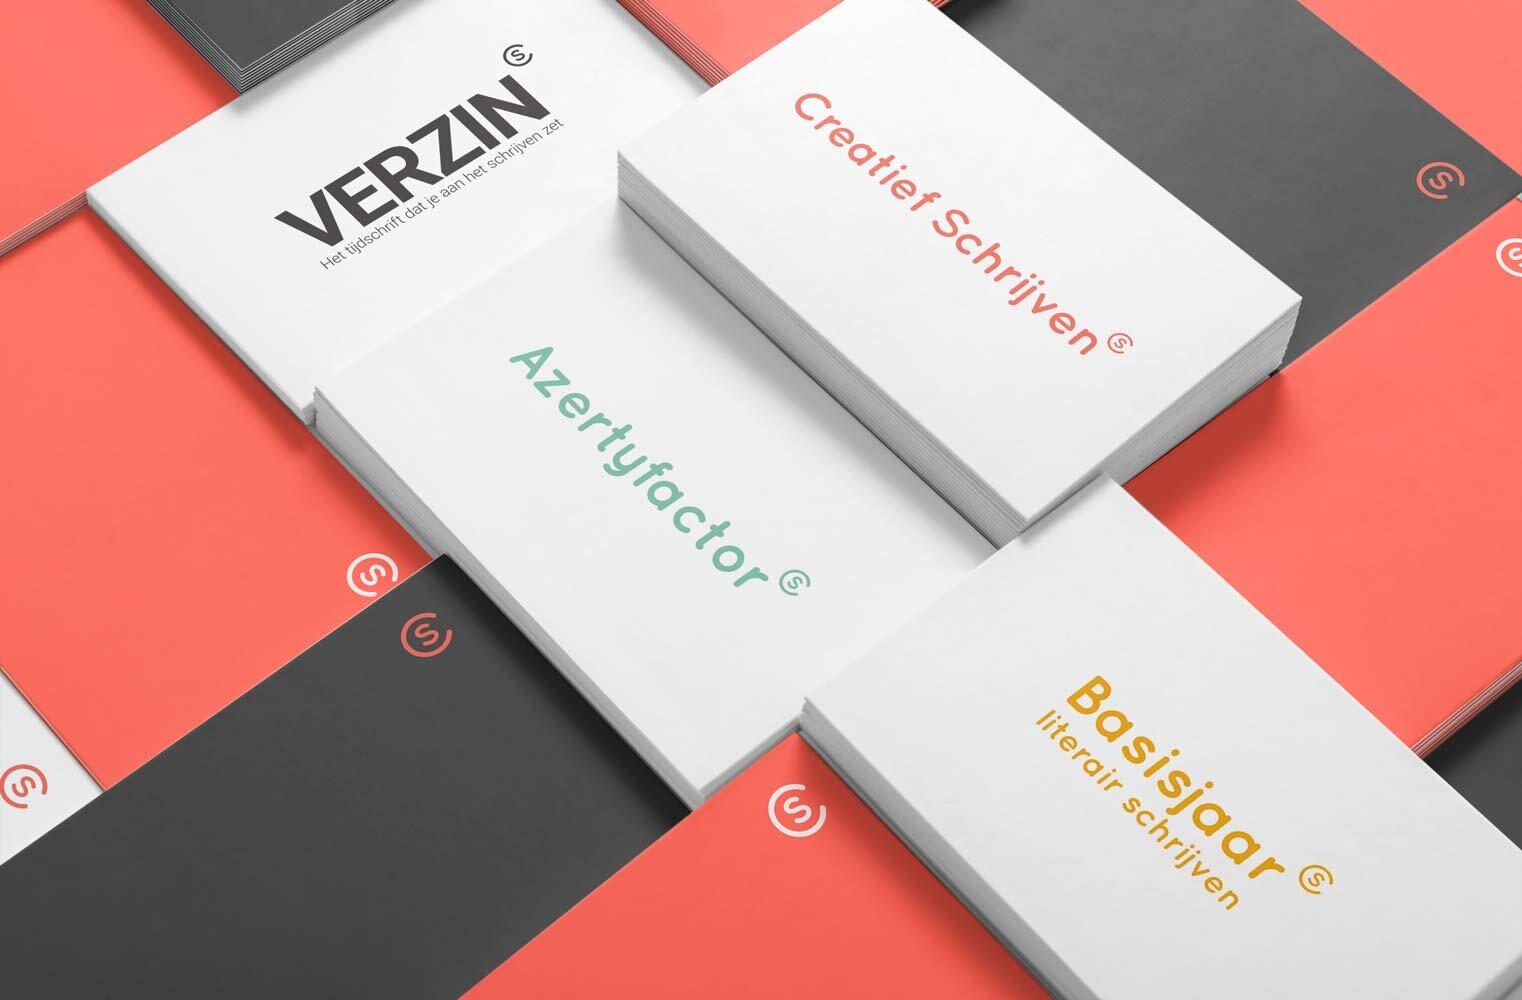 overzicht_brands.jpg